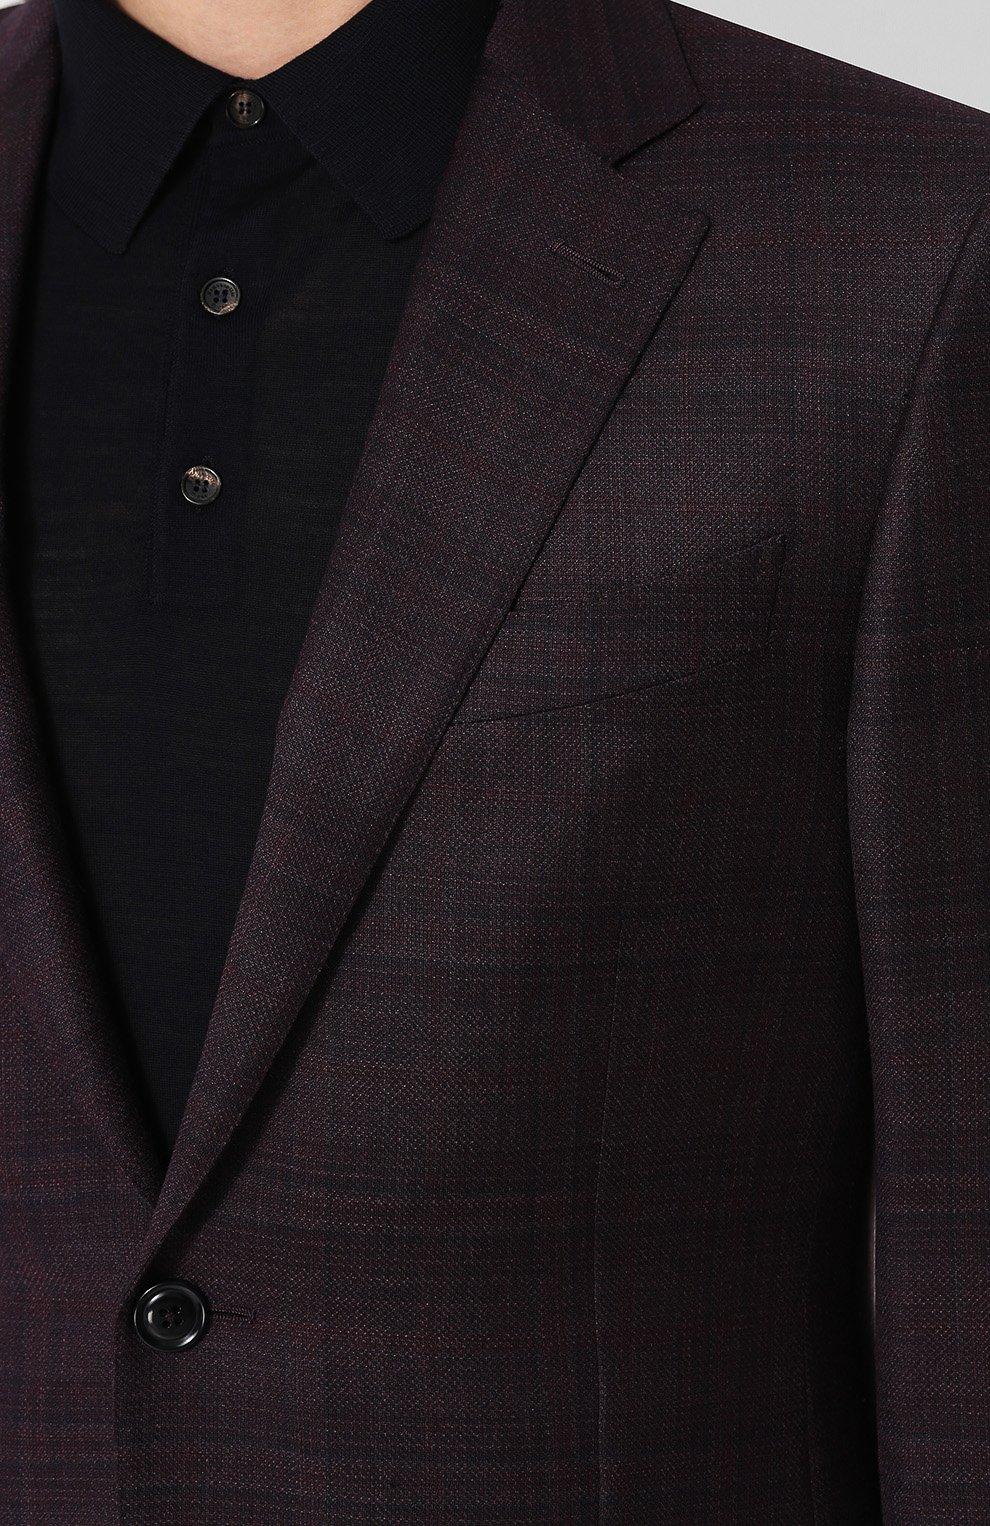 36cce614bcf9 Мужская одежда Ermenegildo Zegna по цене от 6 575 руб. купить в  интернет-магазине ЦУМ